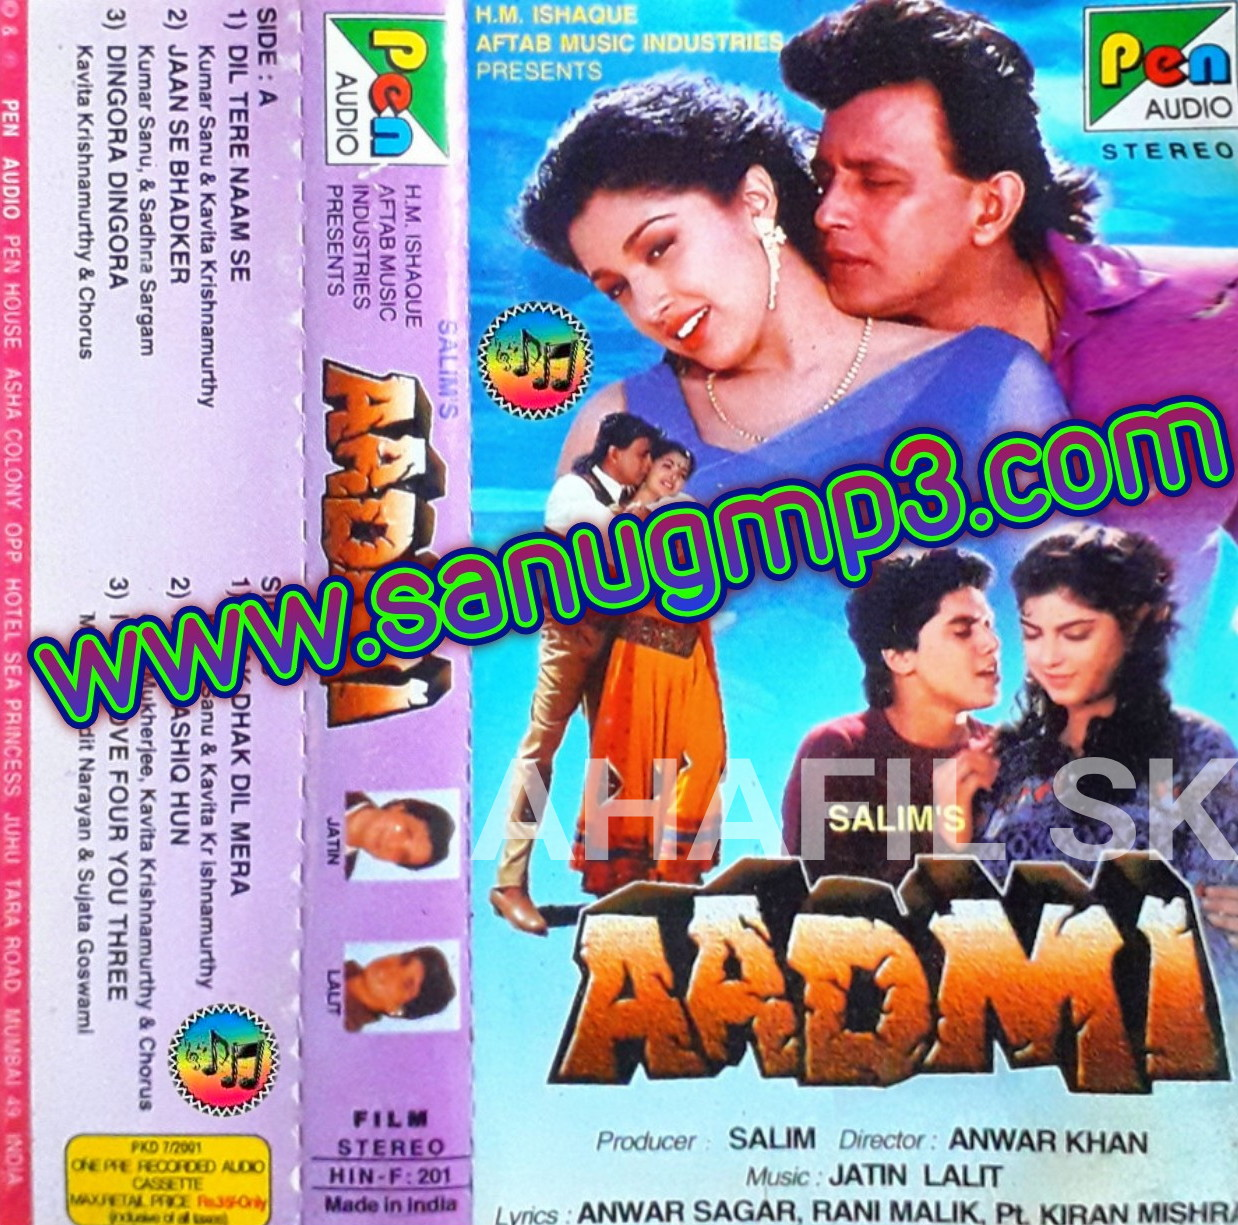 Aadmi 1993 songs hd